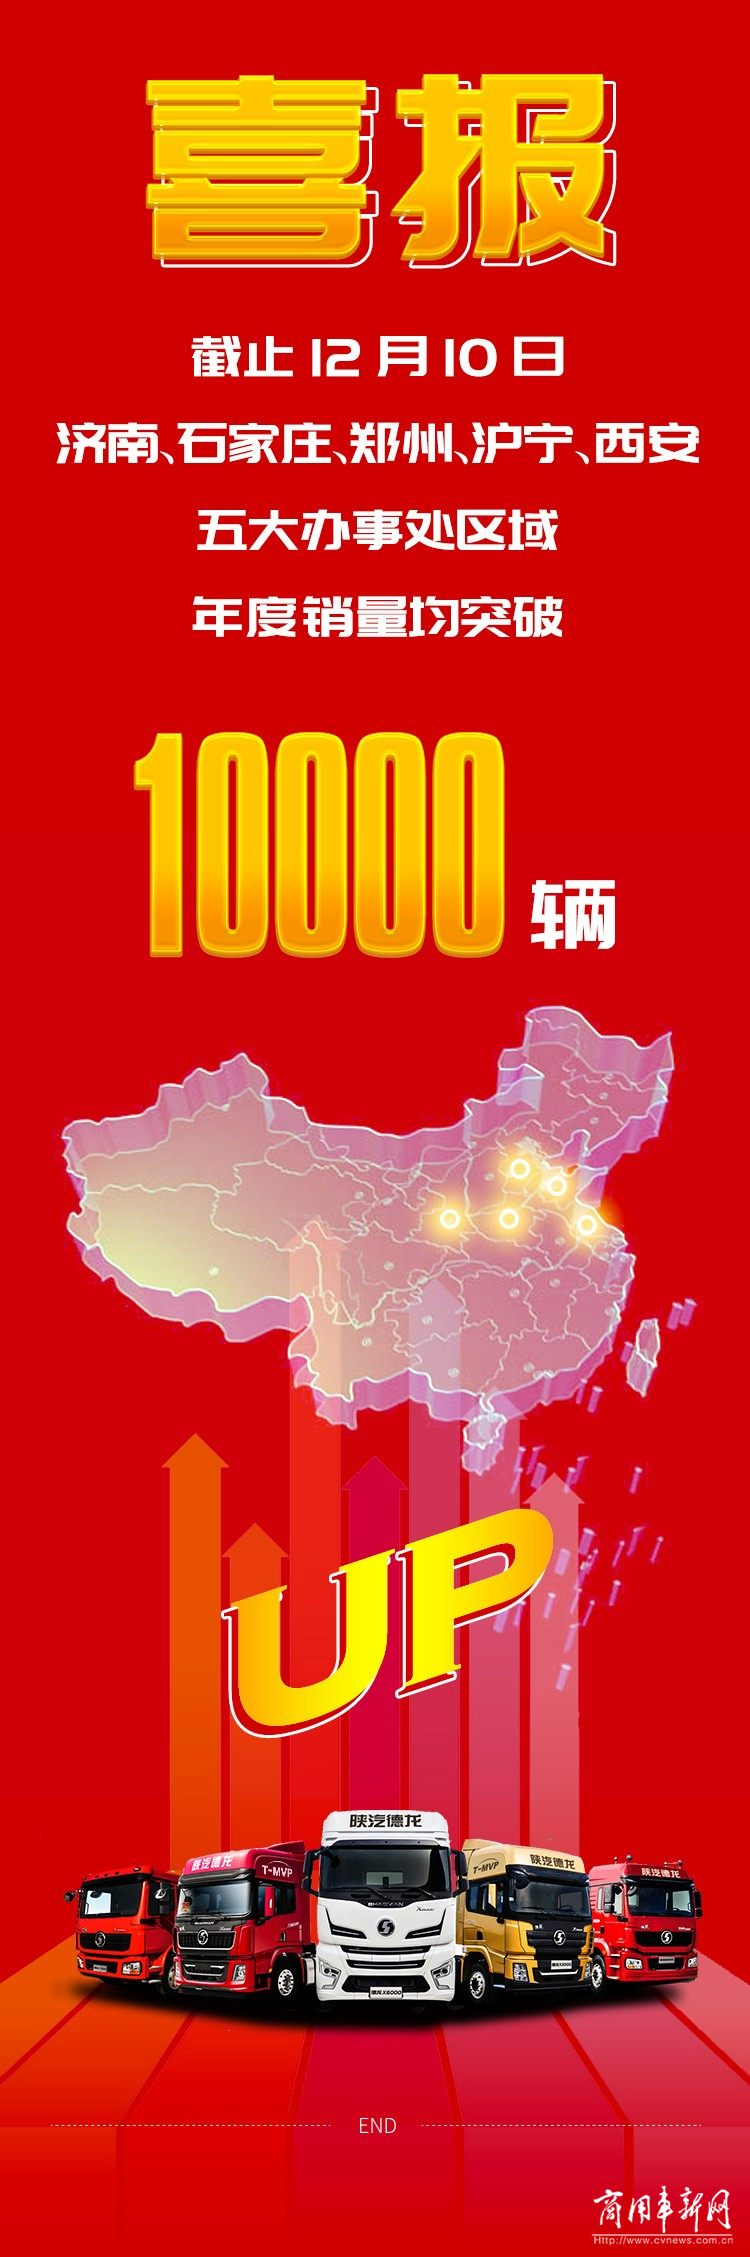 陕汽重卡五大区域年度销量均突破10000+